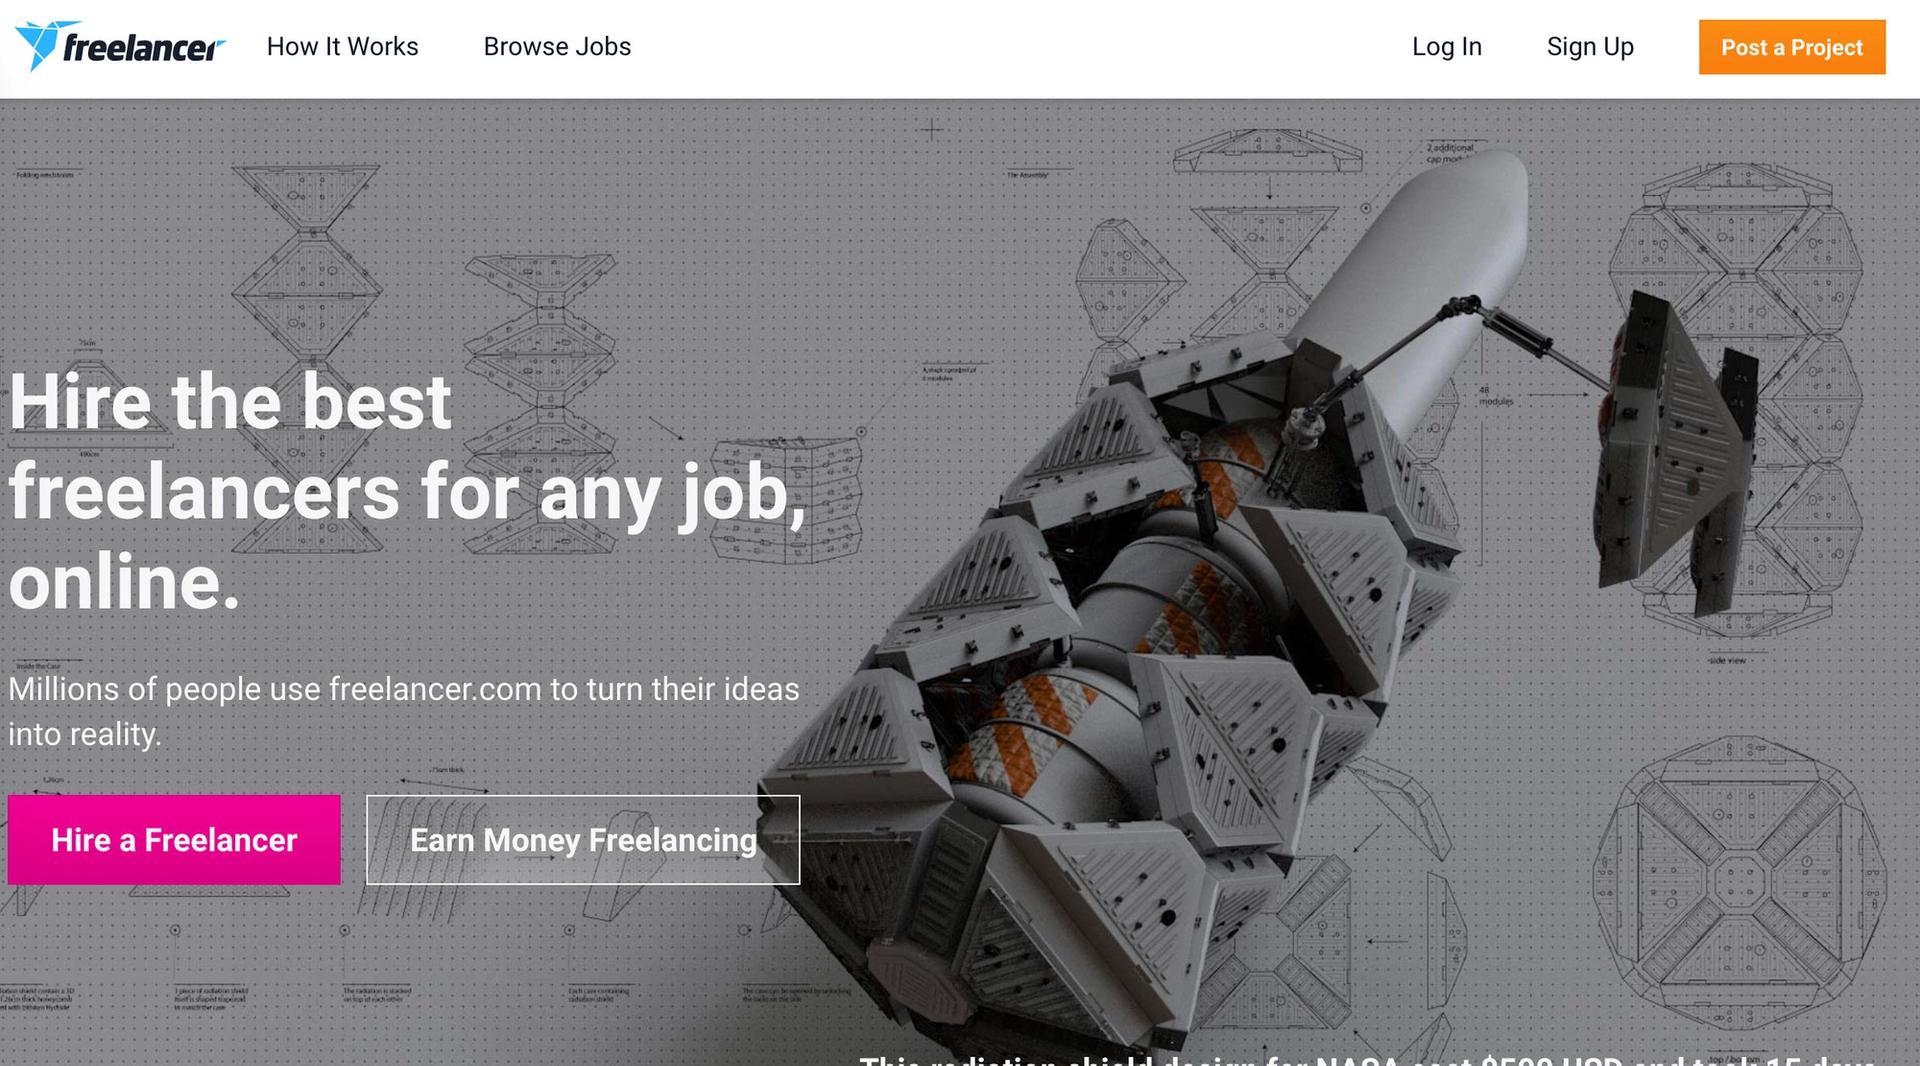 freelancer.com homepage screenshot